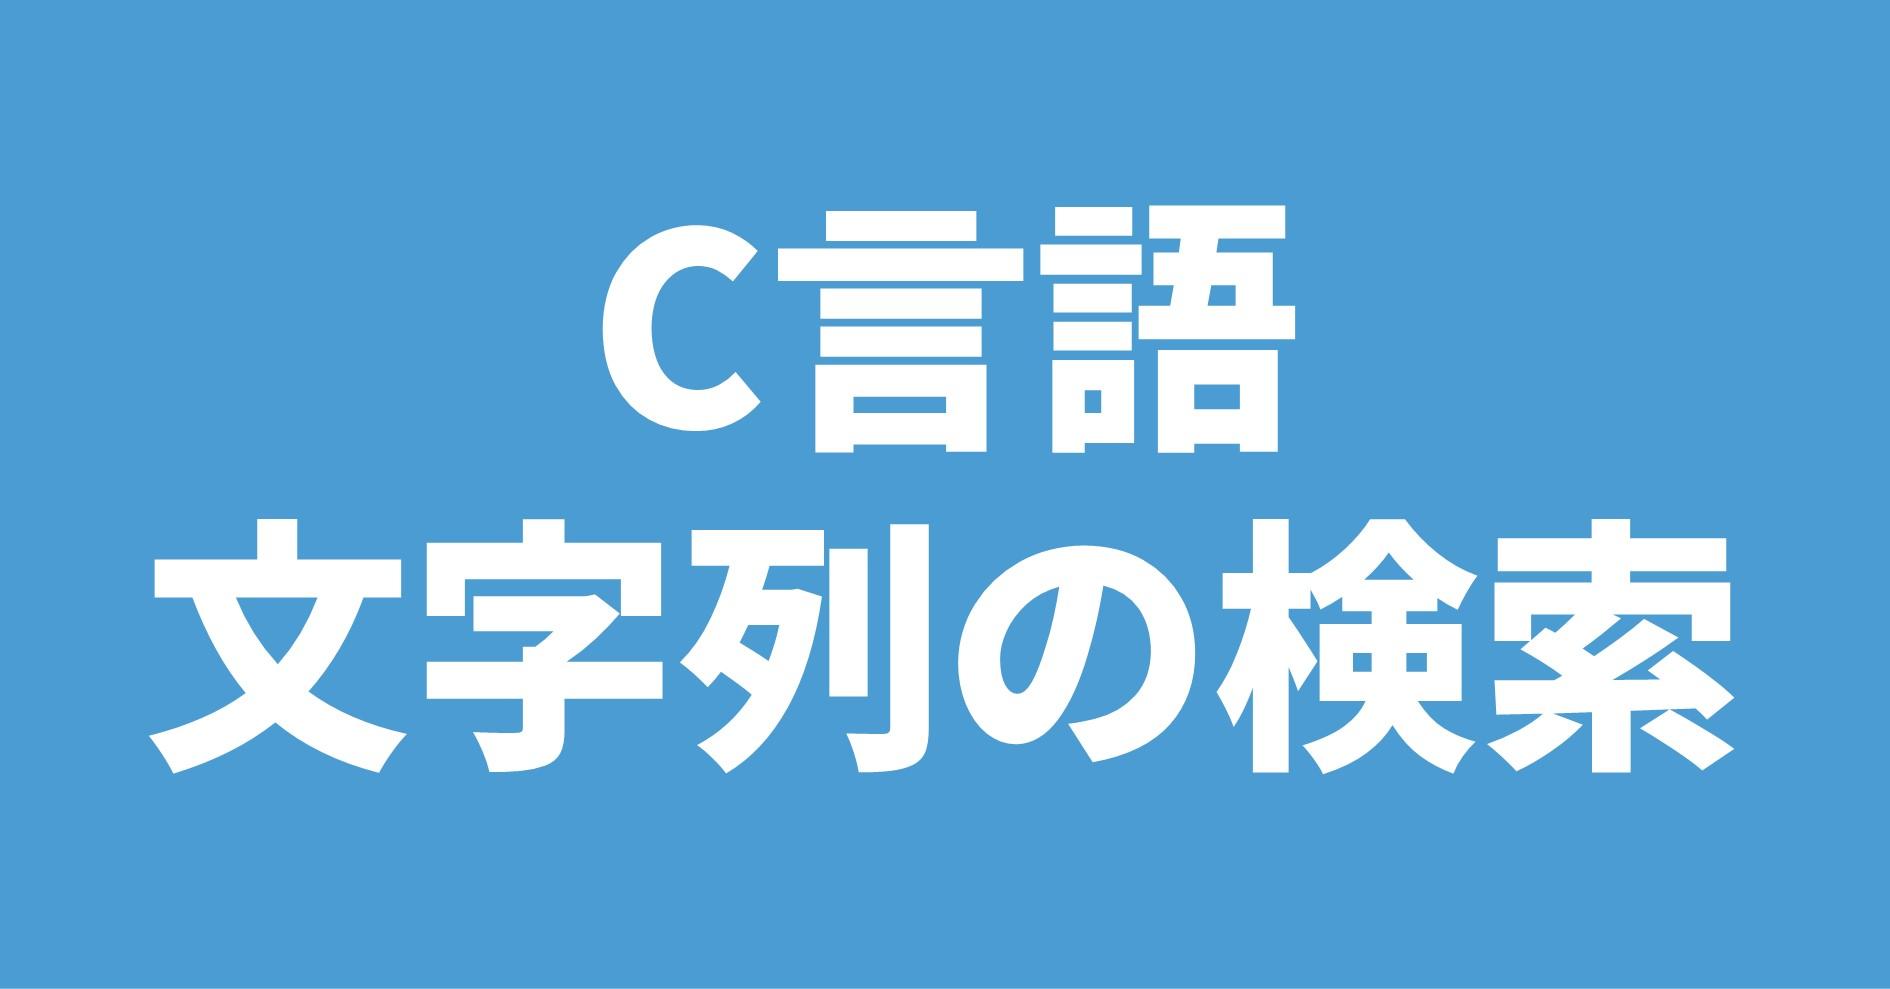 C言語 文字列の検索